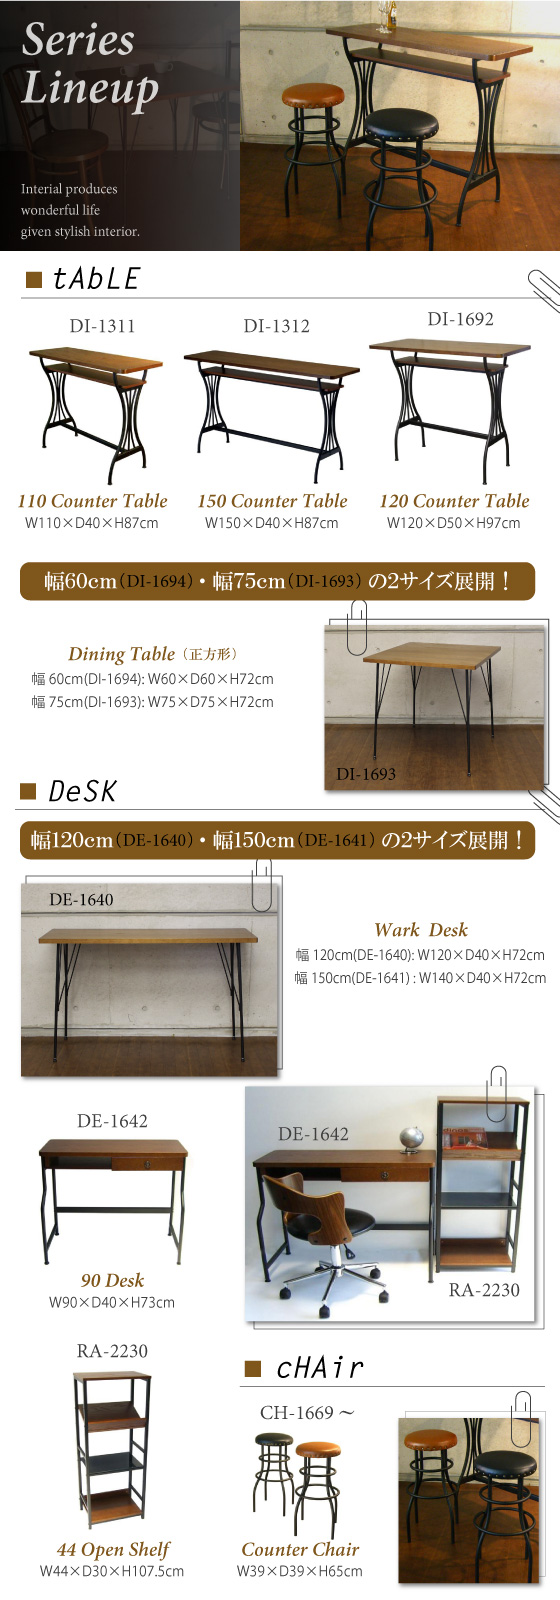 幅110cm・天然木オーク製カウンターテーブル(棚板付き)